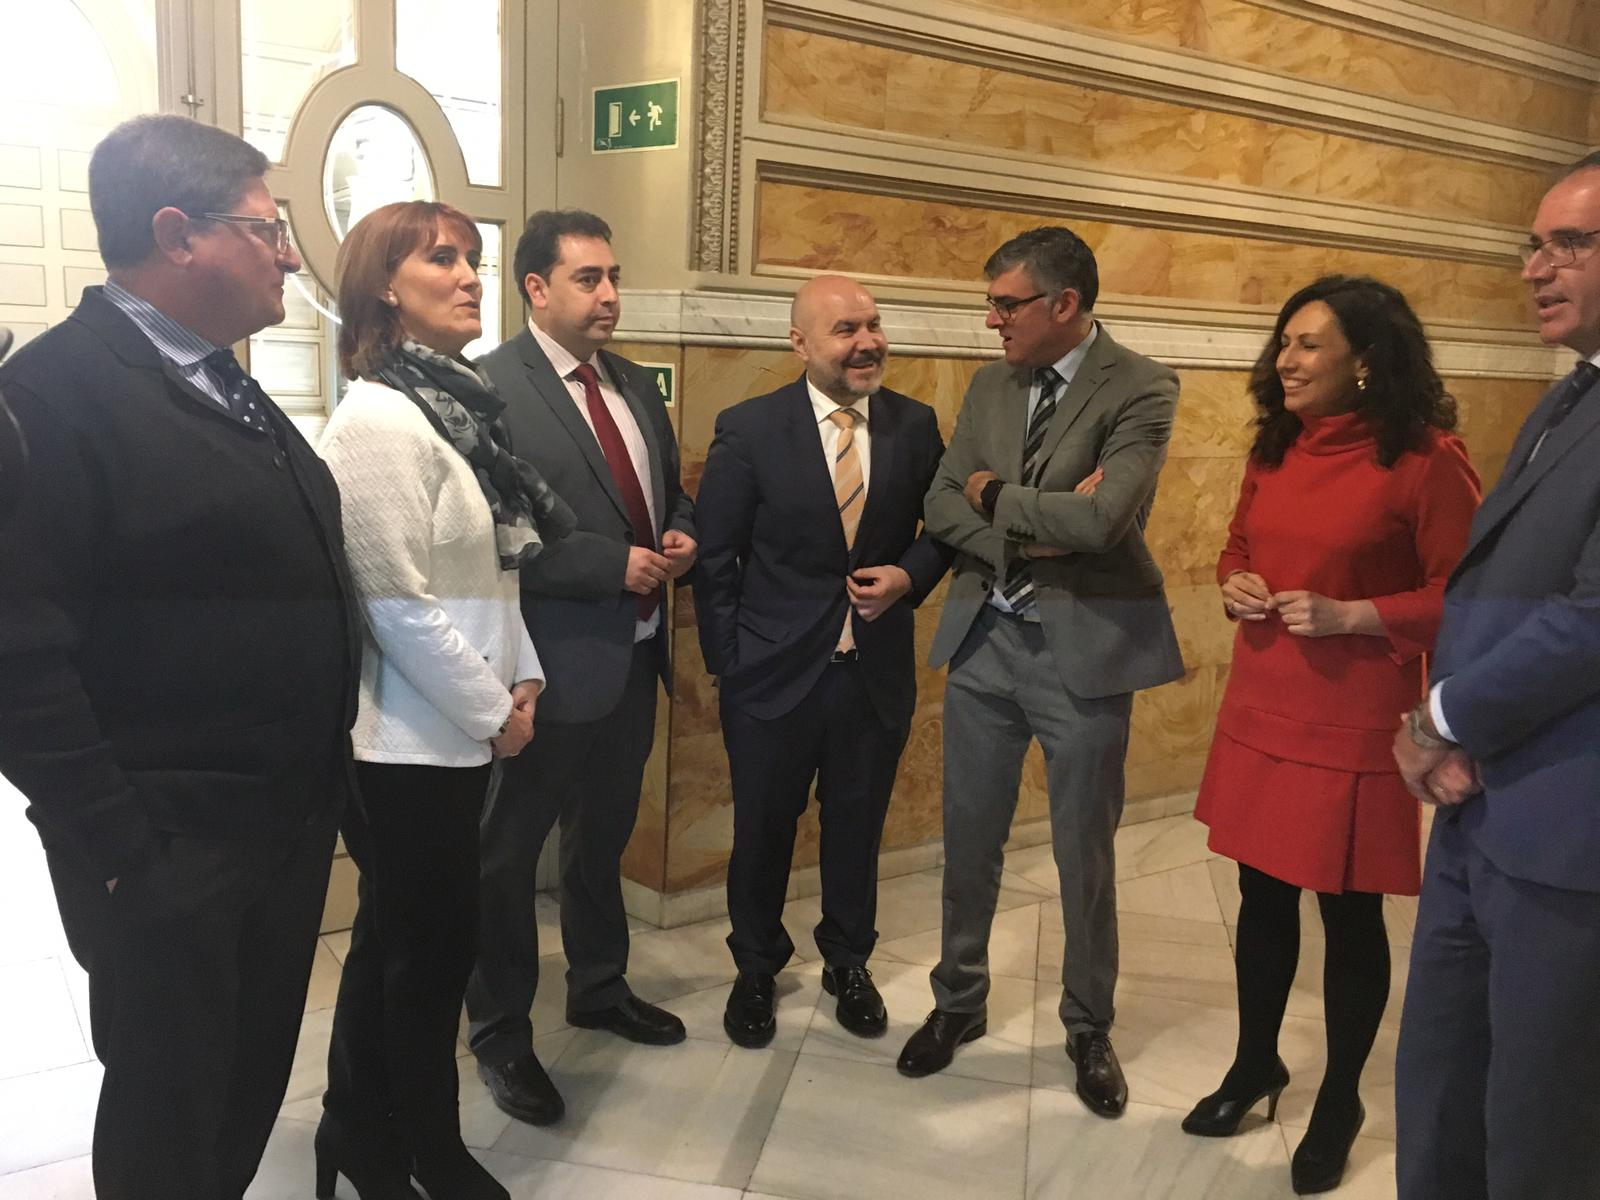 El presidente del CERMI, junto a representantes de la discapacidad en la Diputación de Cuenca.